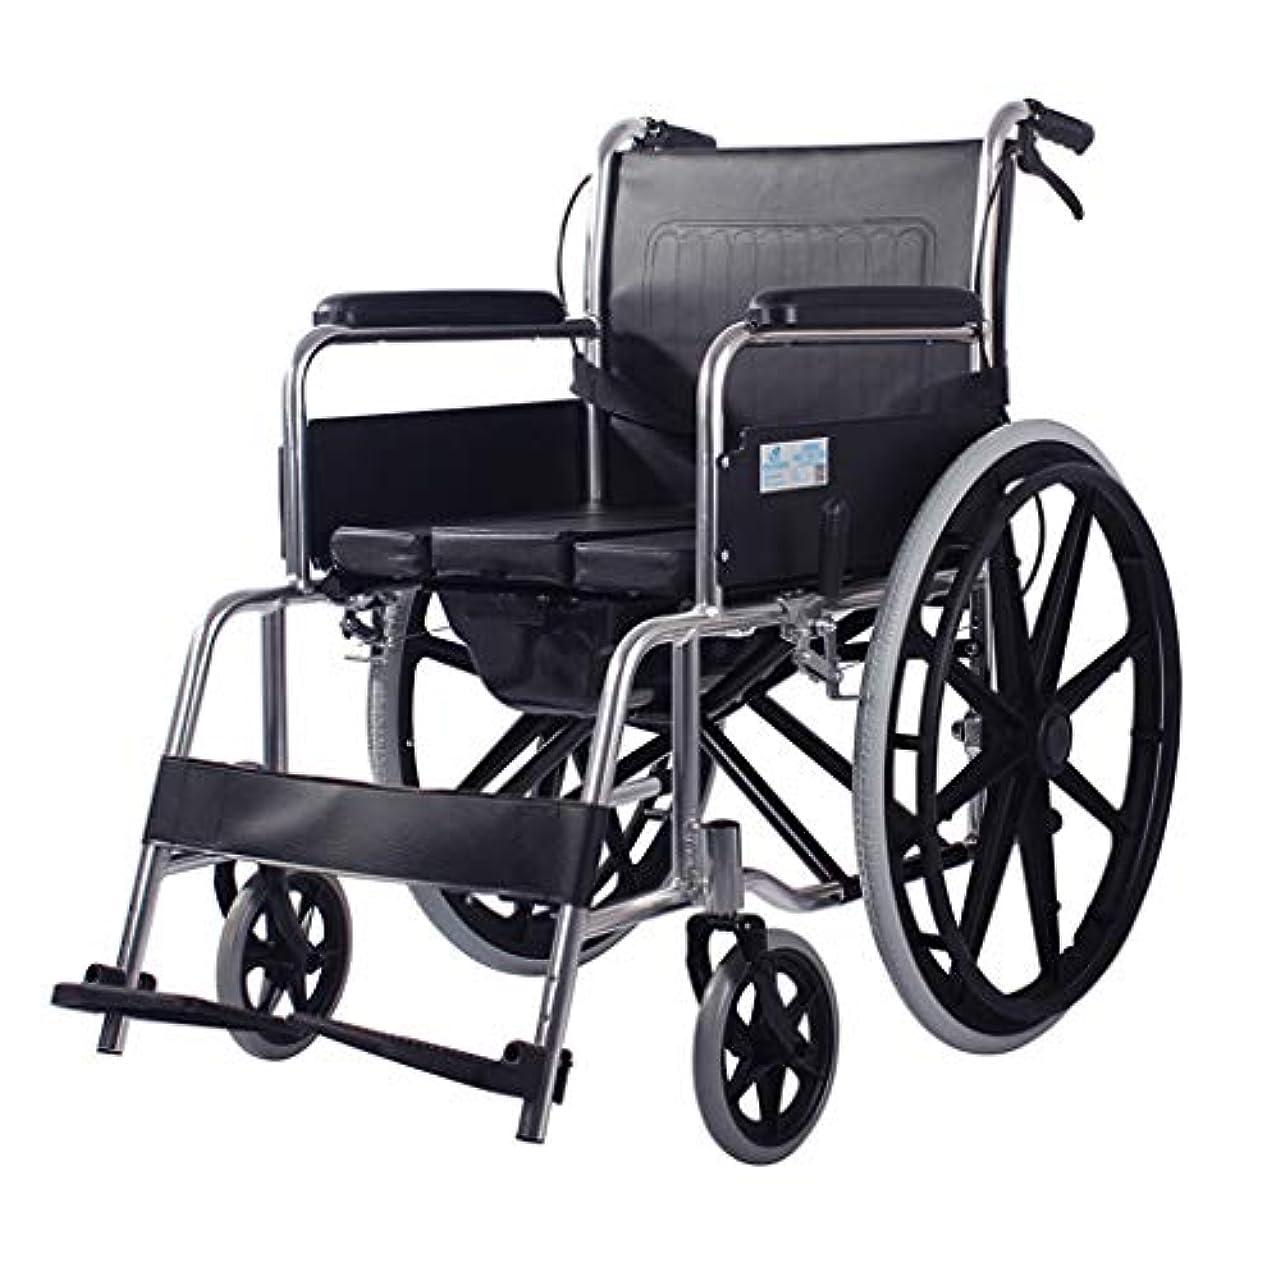 溝理論的縞模様の車椅子折りたたみ式および4ブレーキ設計、高齢者および身体障害者用のモバイルトイレ